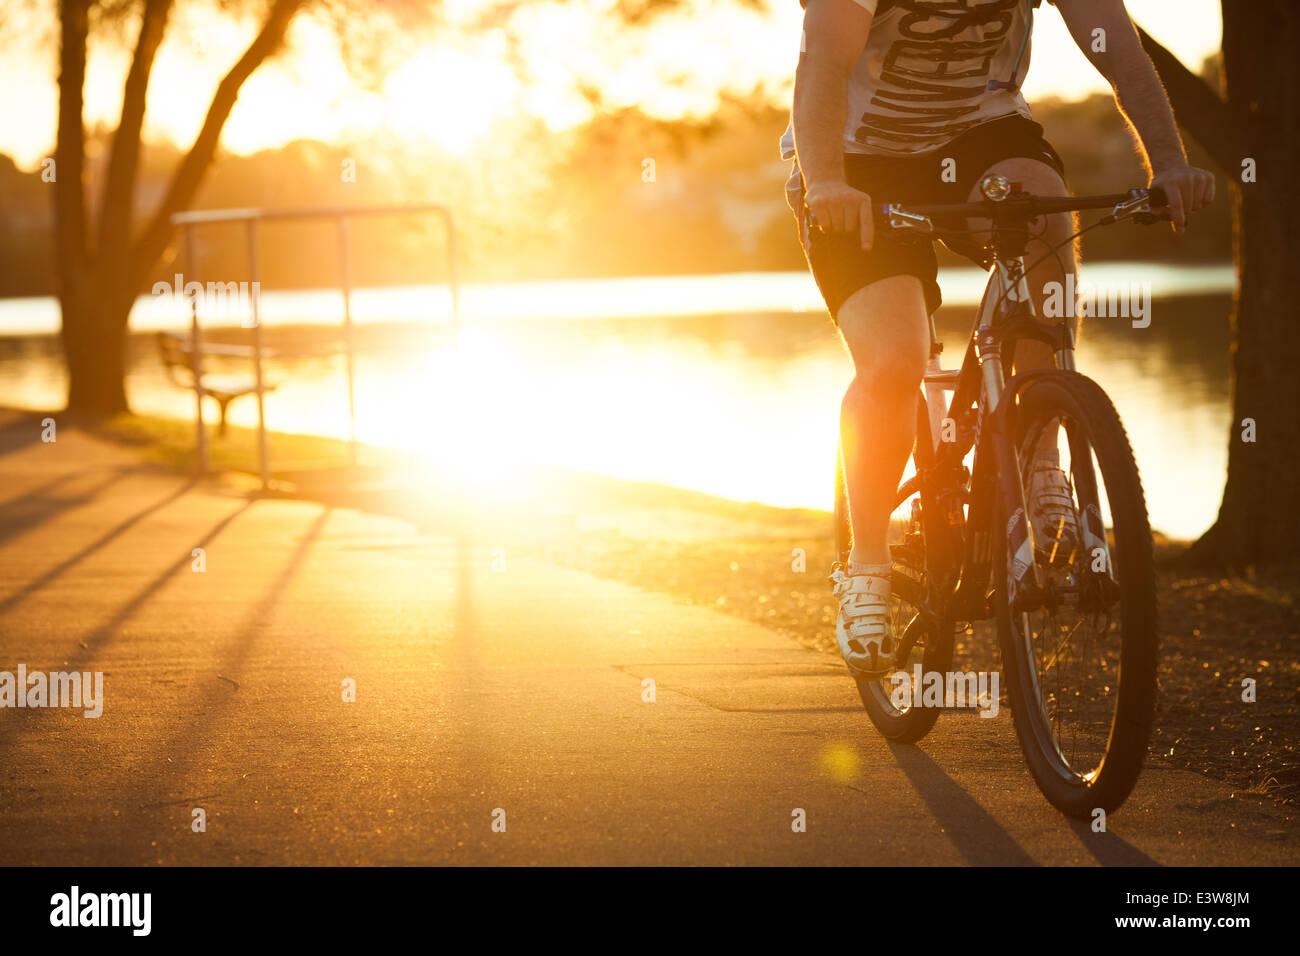 Una spersonalizzata immagine di un maschio in sella ad una mountain bike intorno a una baia di Sydney Harbour di Immagini Stock